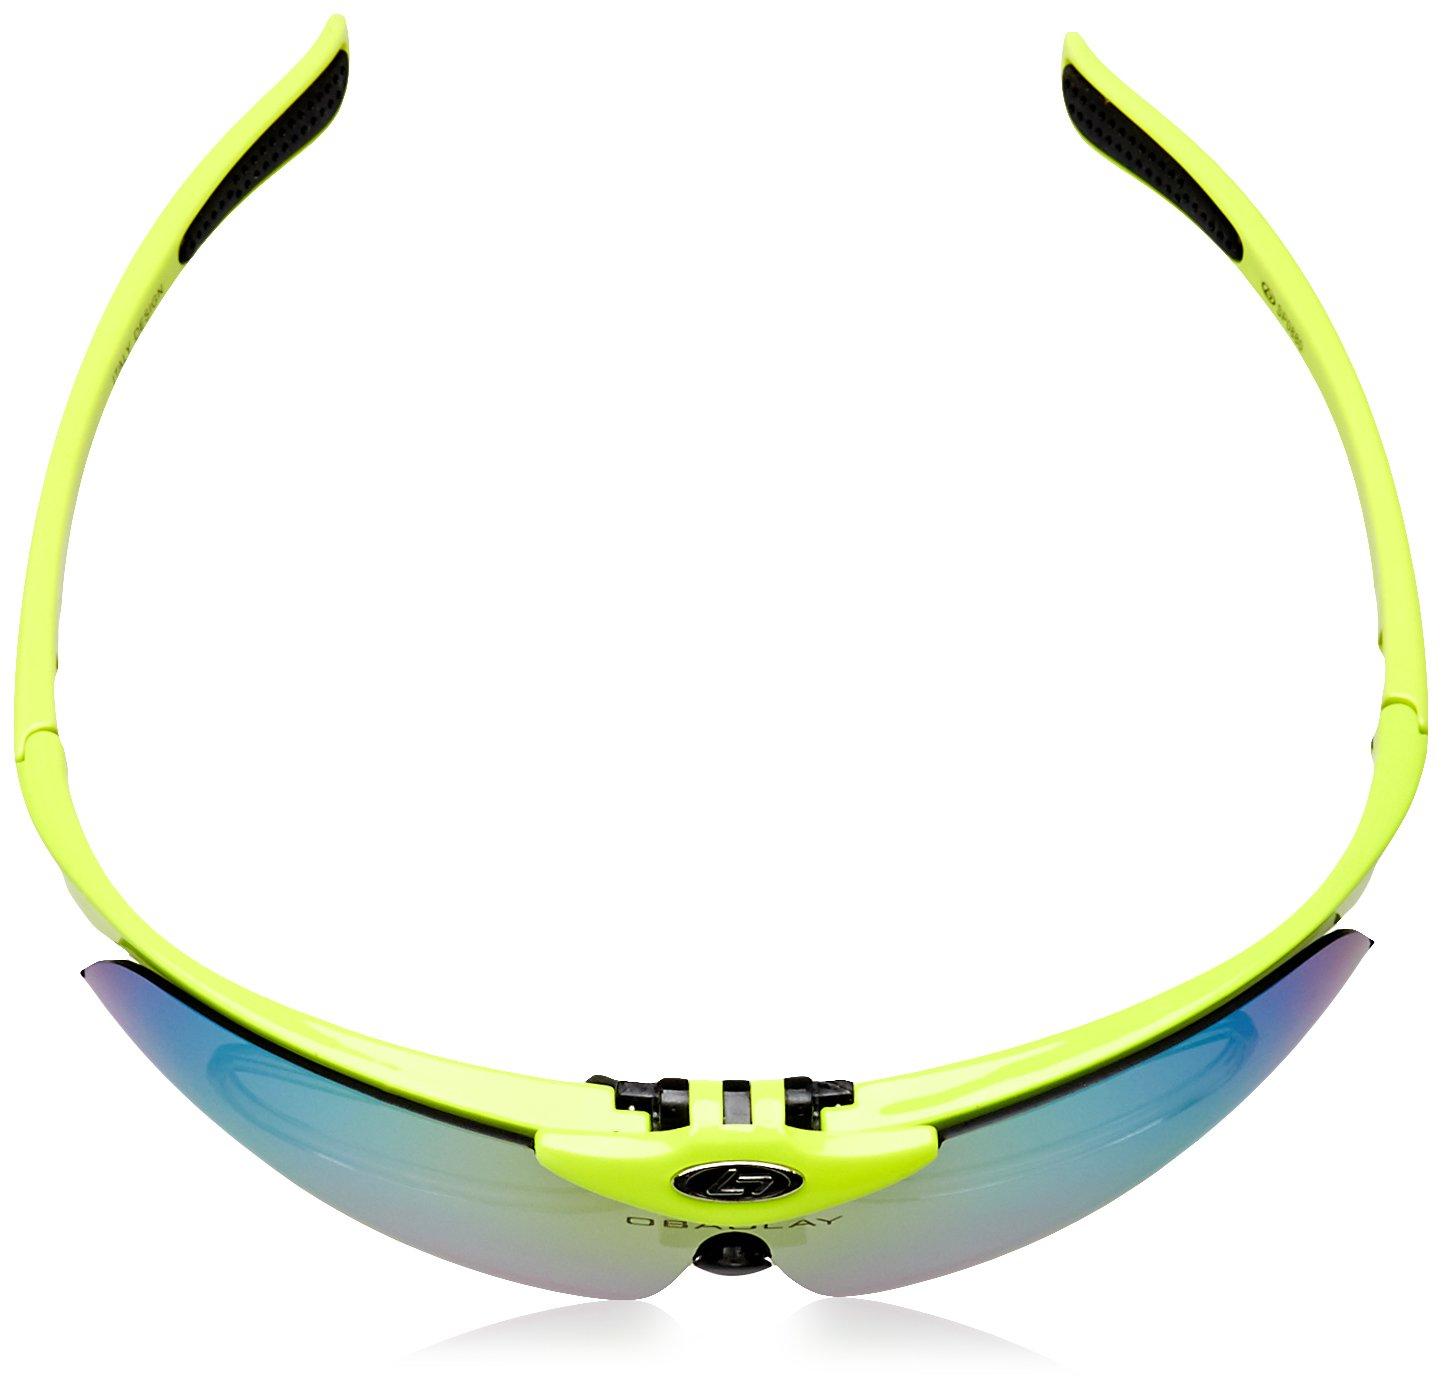 OBAOLAY Lunettes de Soleil Polarisees Anti-UV Sport Cyclisme Peche Unisexe avec 5 Verres Interchangeables